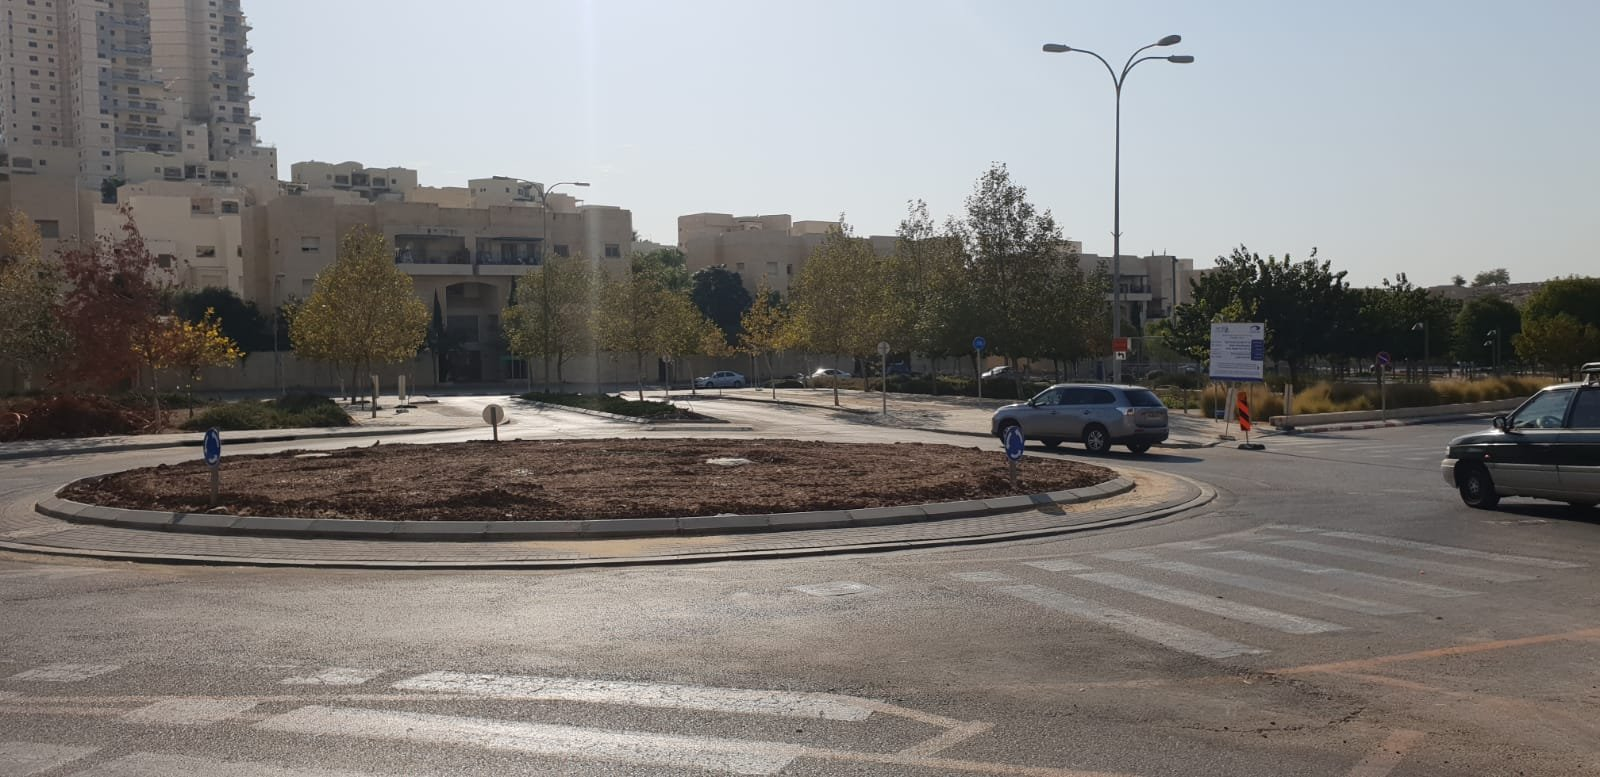 כיכר עמק זבולון-יגאל ידין (צילום: דוברות עיריית מודיעין מכבים רעות)